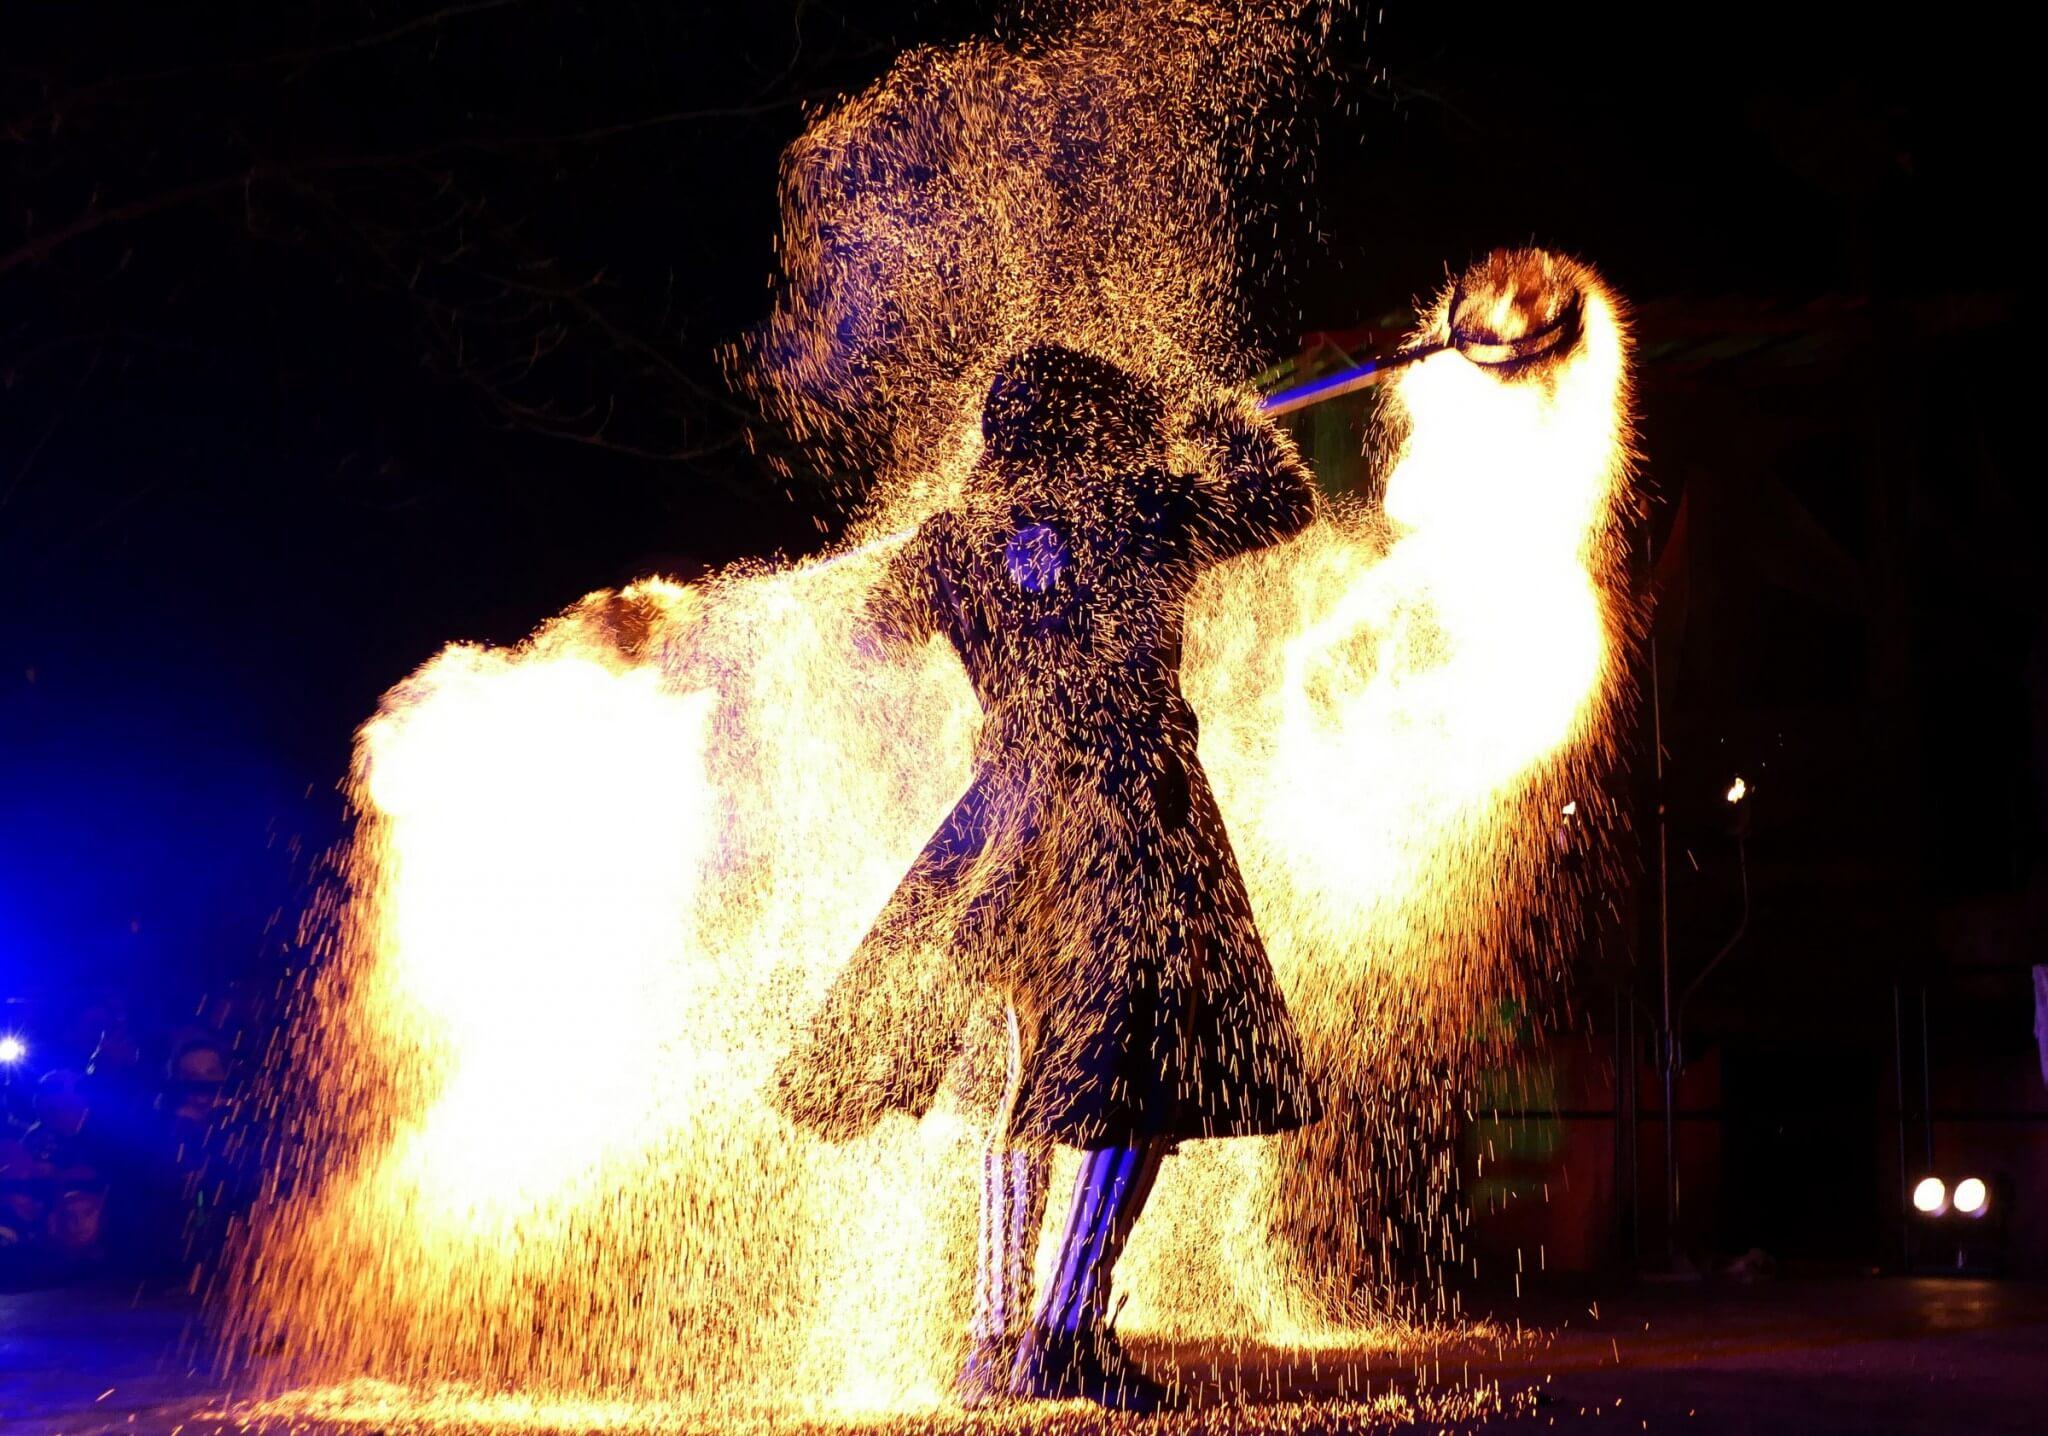 Halloweennacht Artikelbild 4